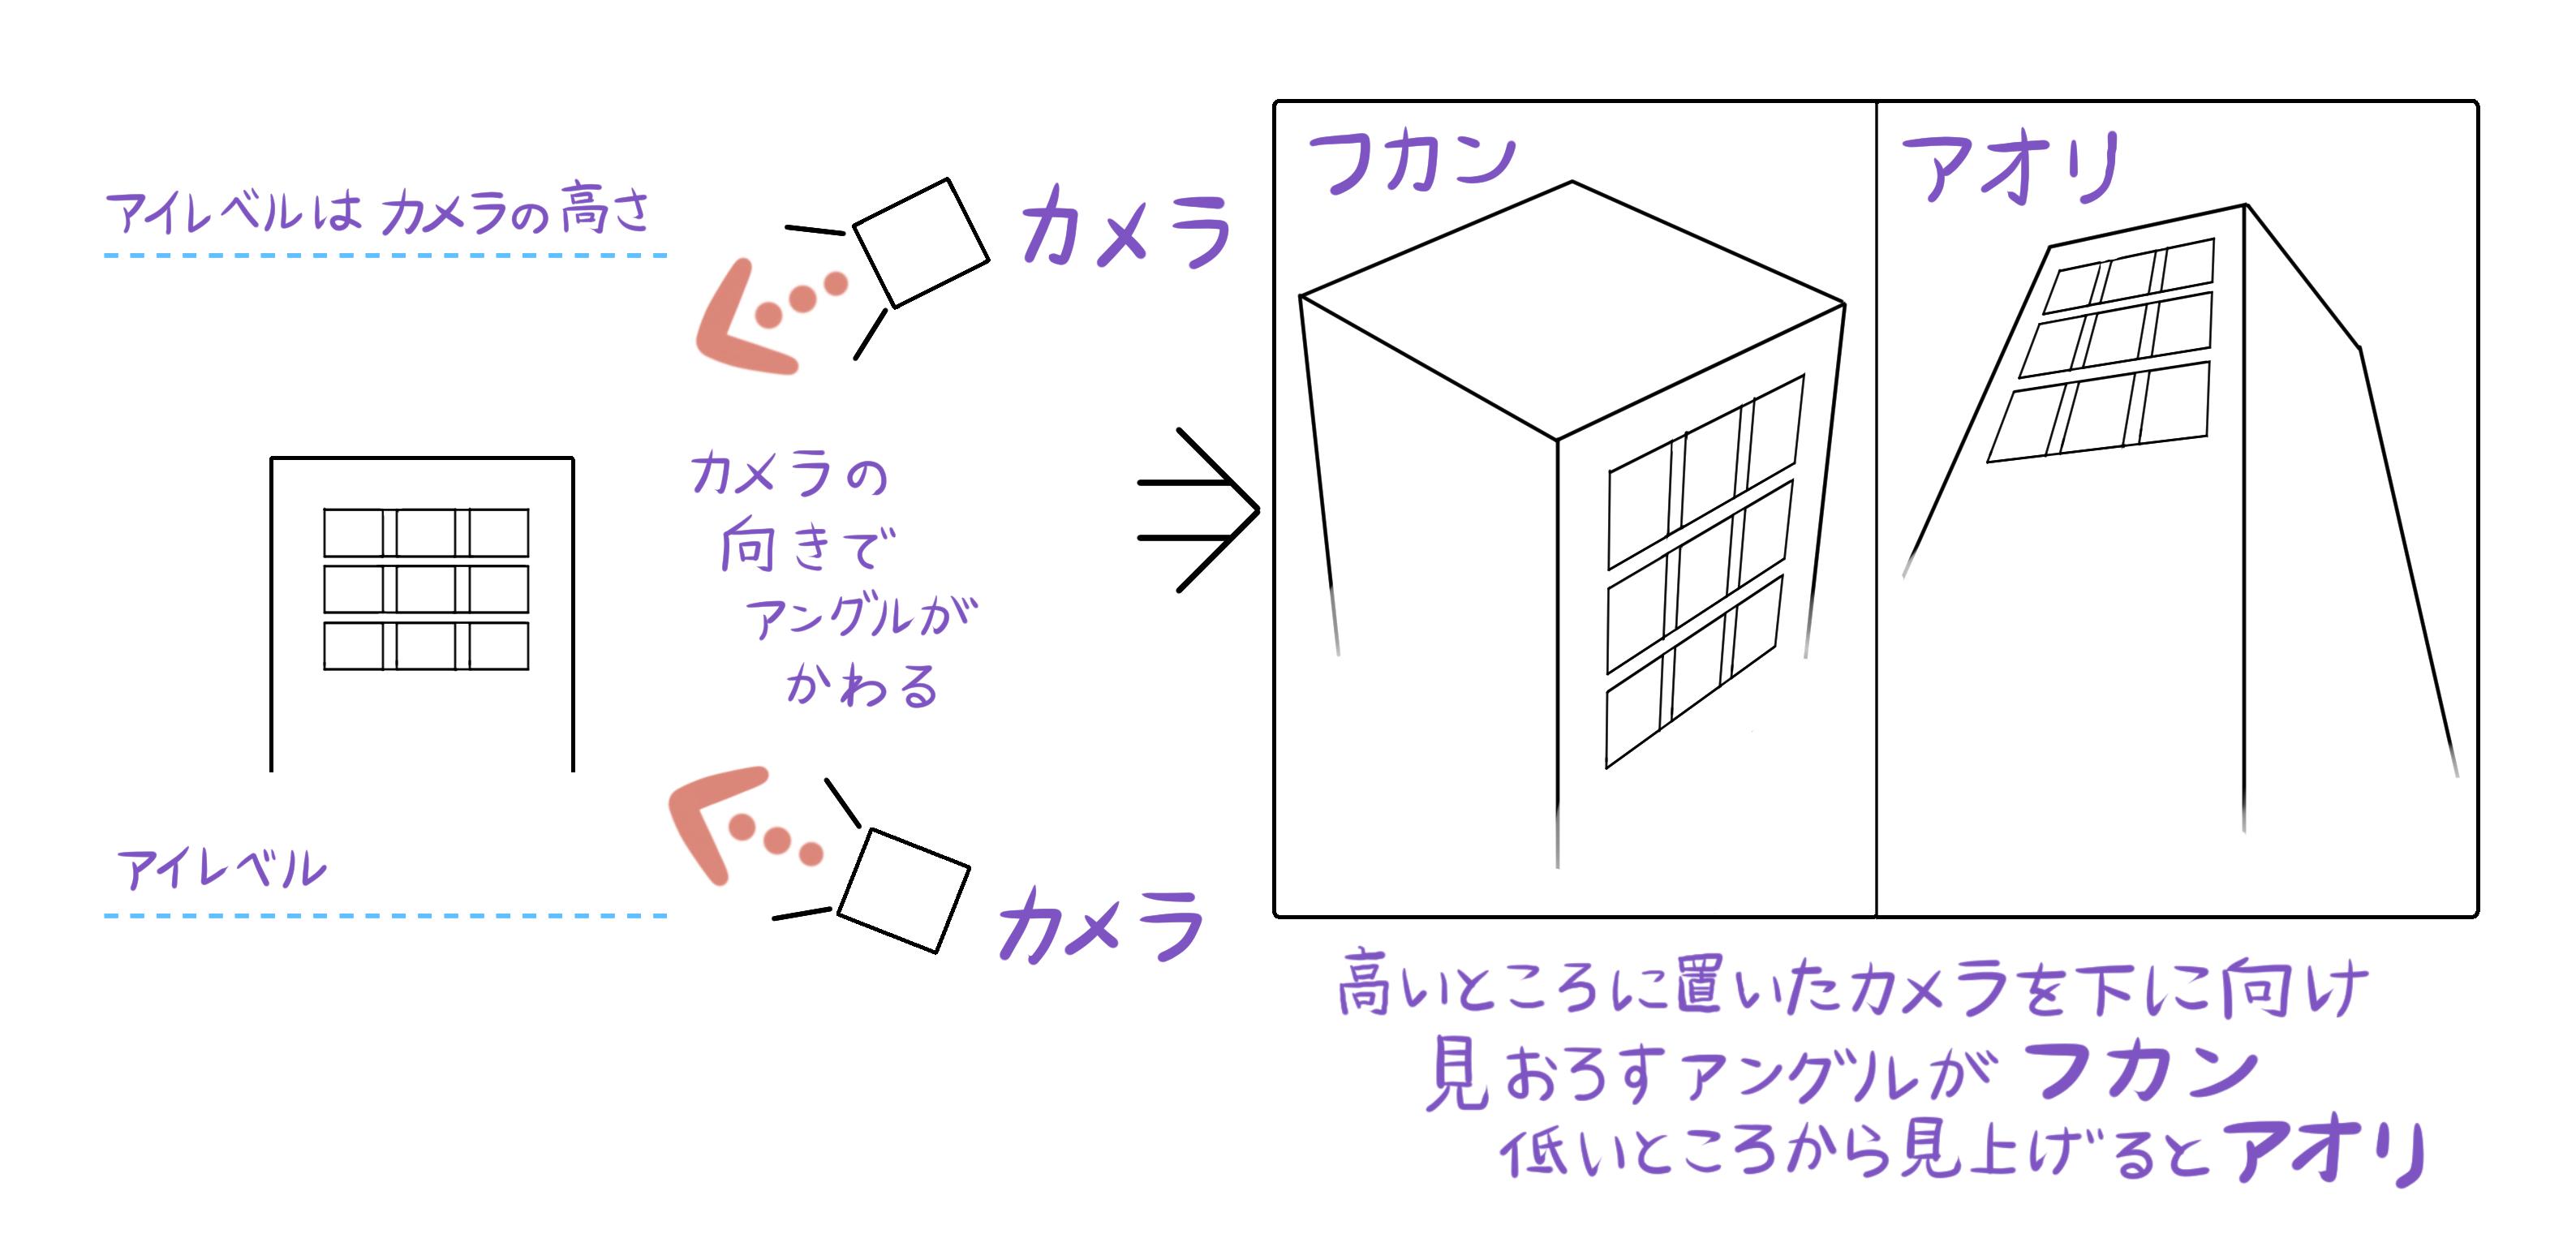 点 図法 2 透視 【パース入門講座】遠近感のある絵が描きたい!【透視図法】